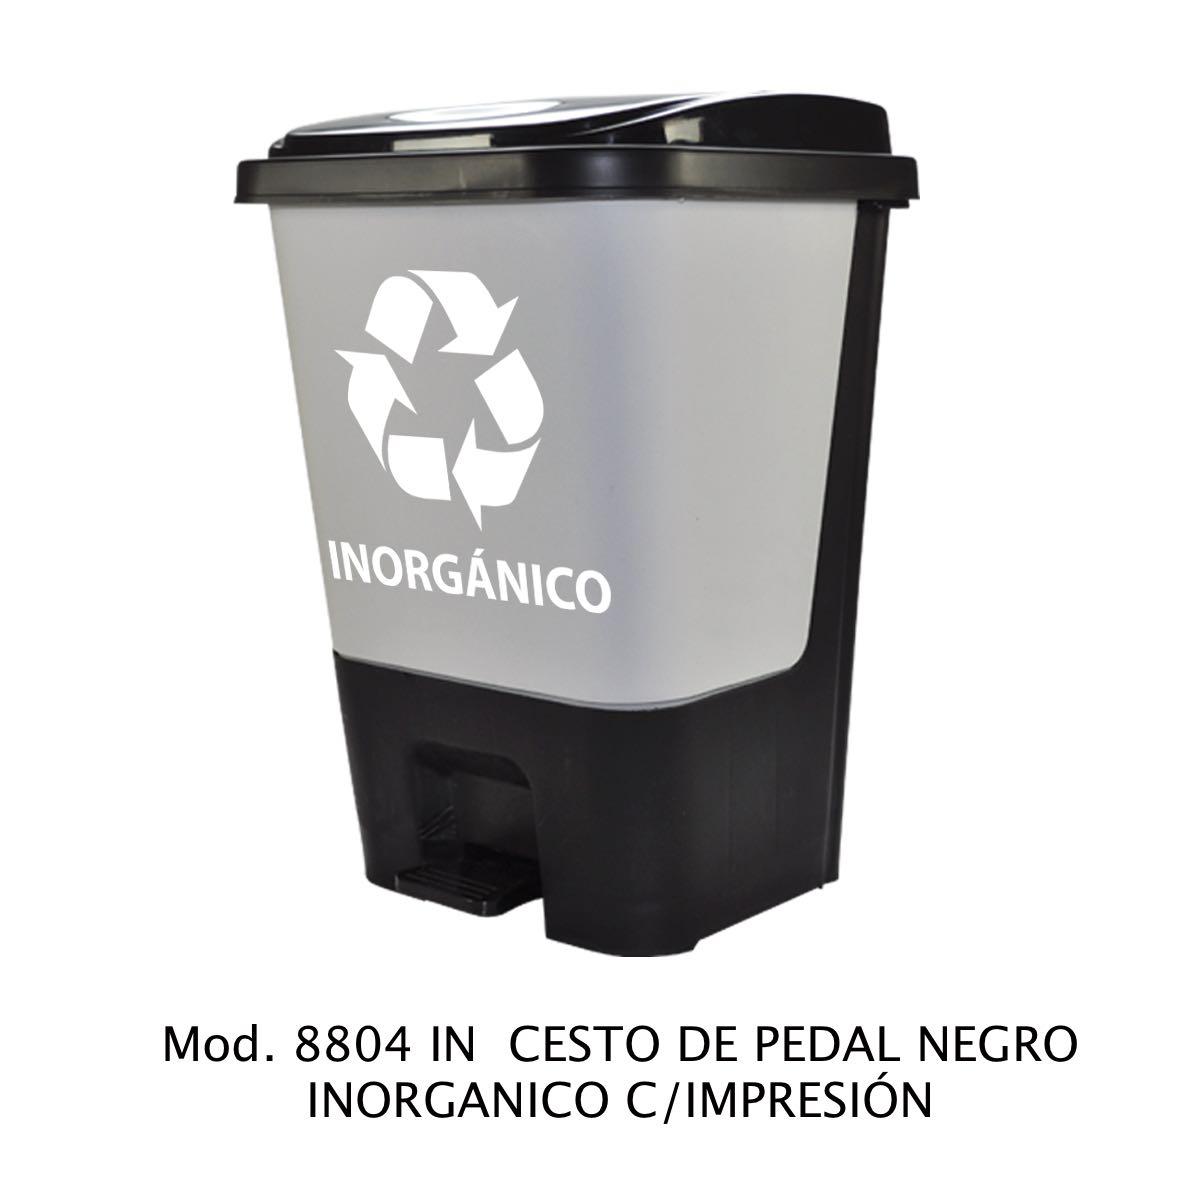 Bote de basura de pedal color negro para inorgánico modelo 8804 IN con Impresión - Sablón